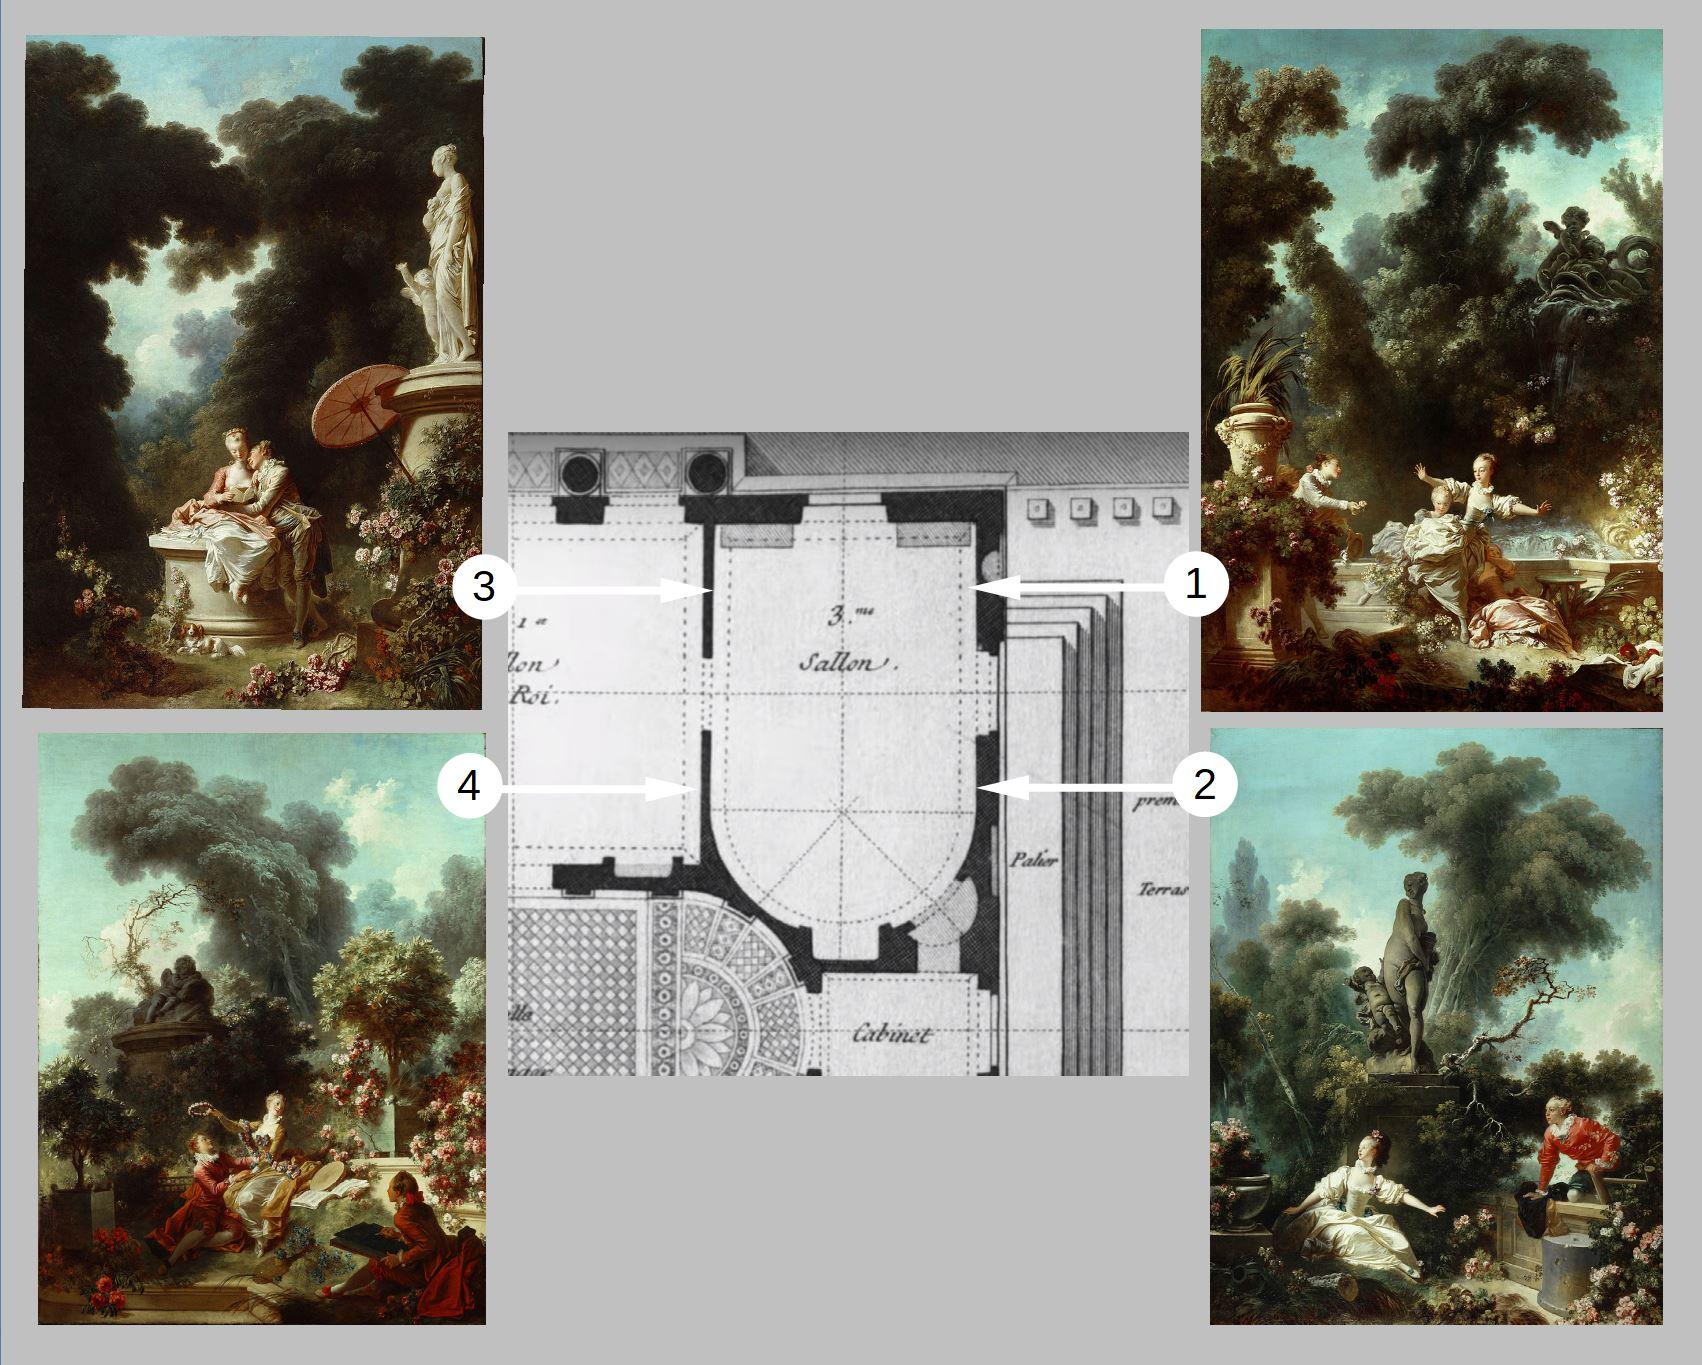 Fragonard 1771-72 The_Progress_of_Love Reconst 1